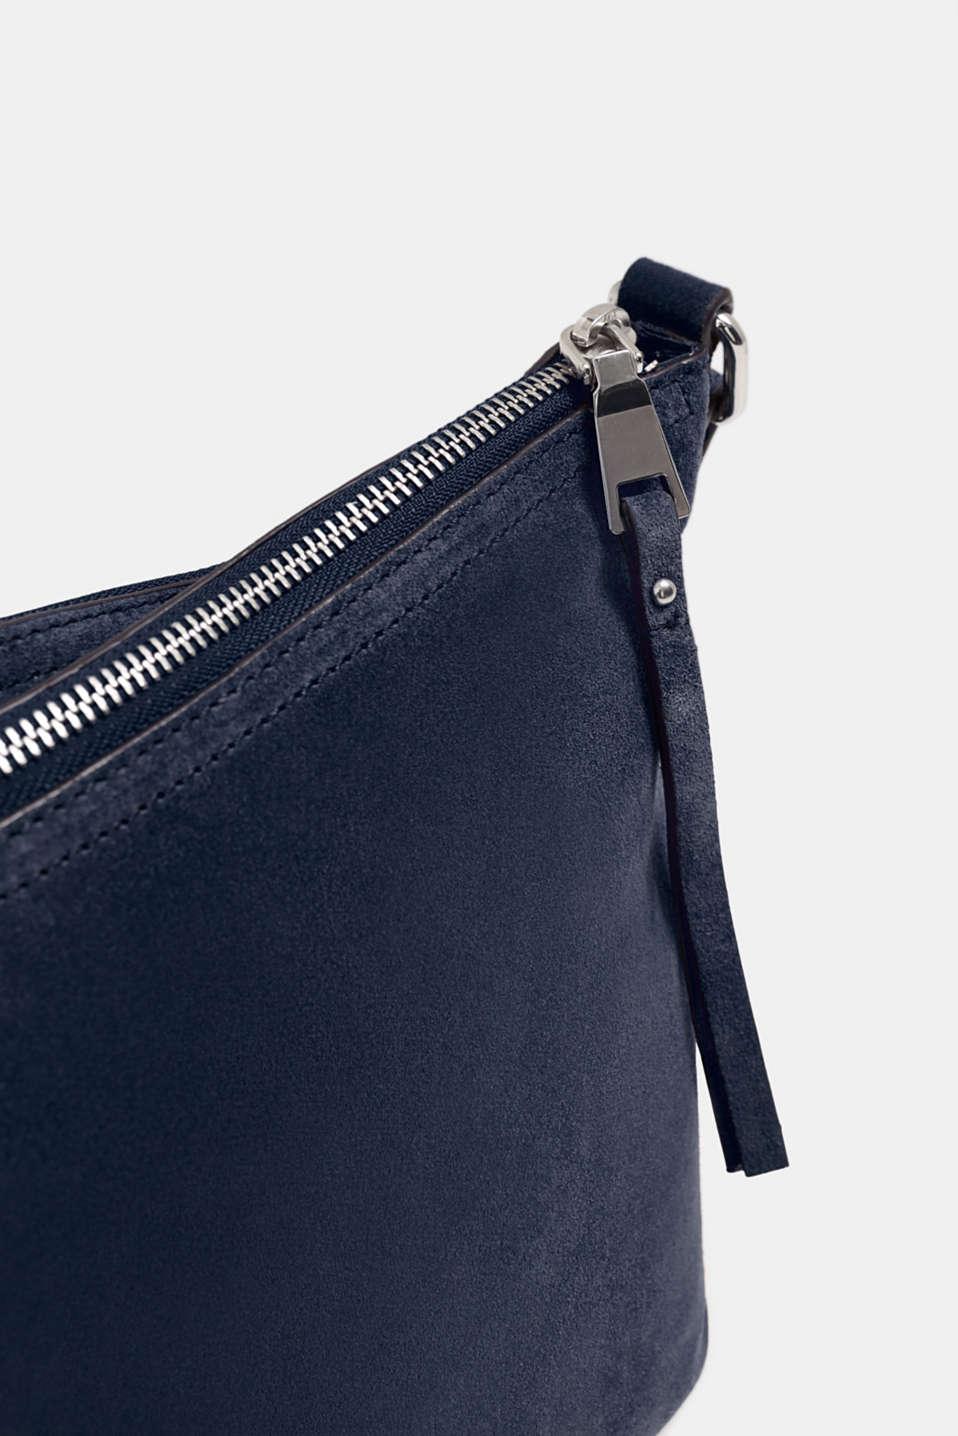 Suede shoulder bag, NAVY, detail image number 3